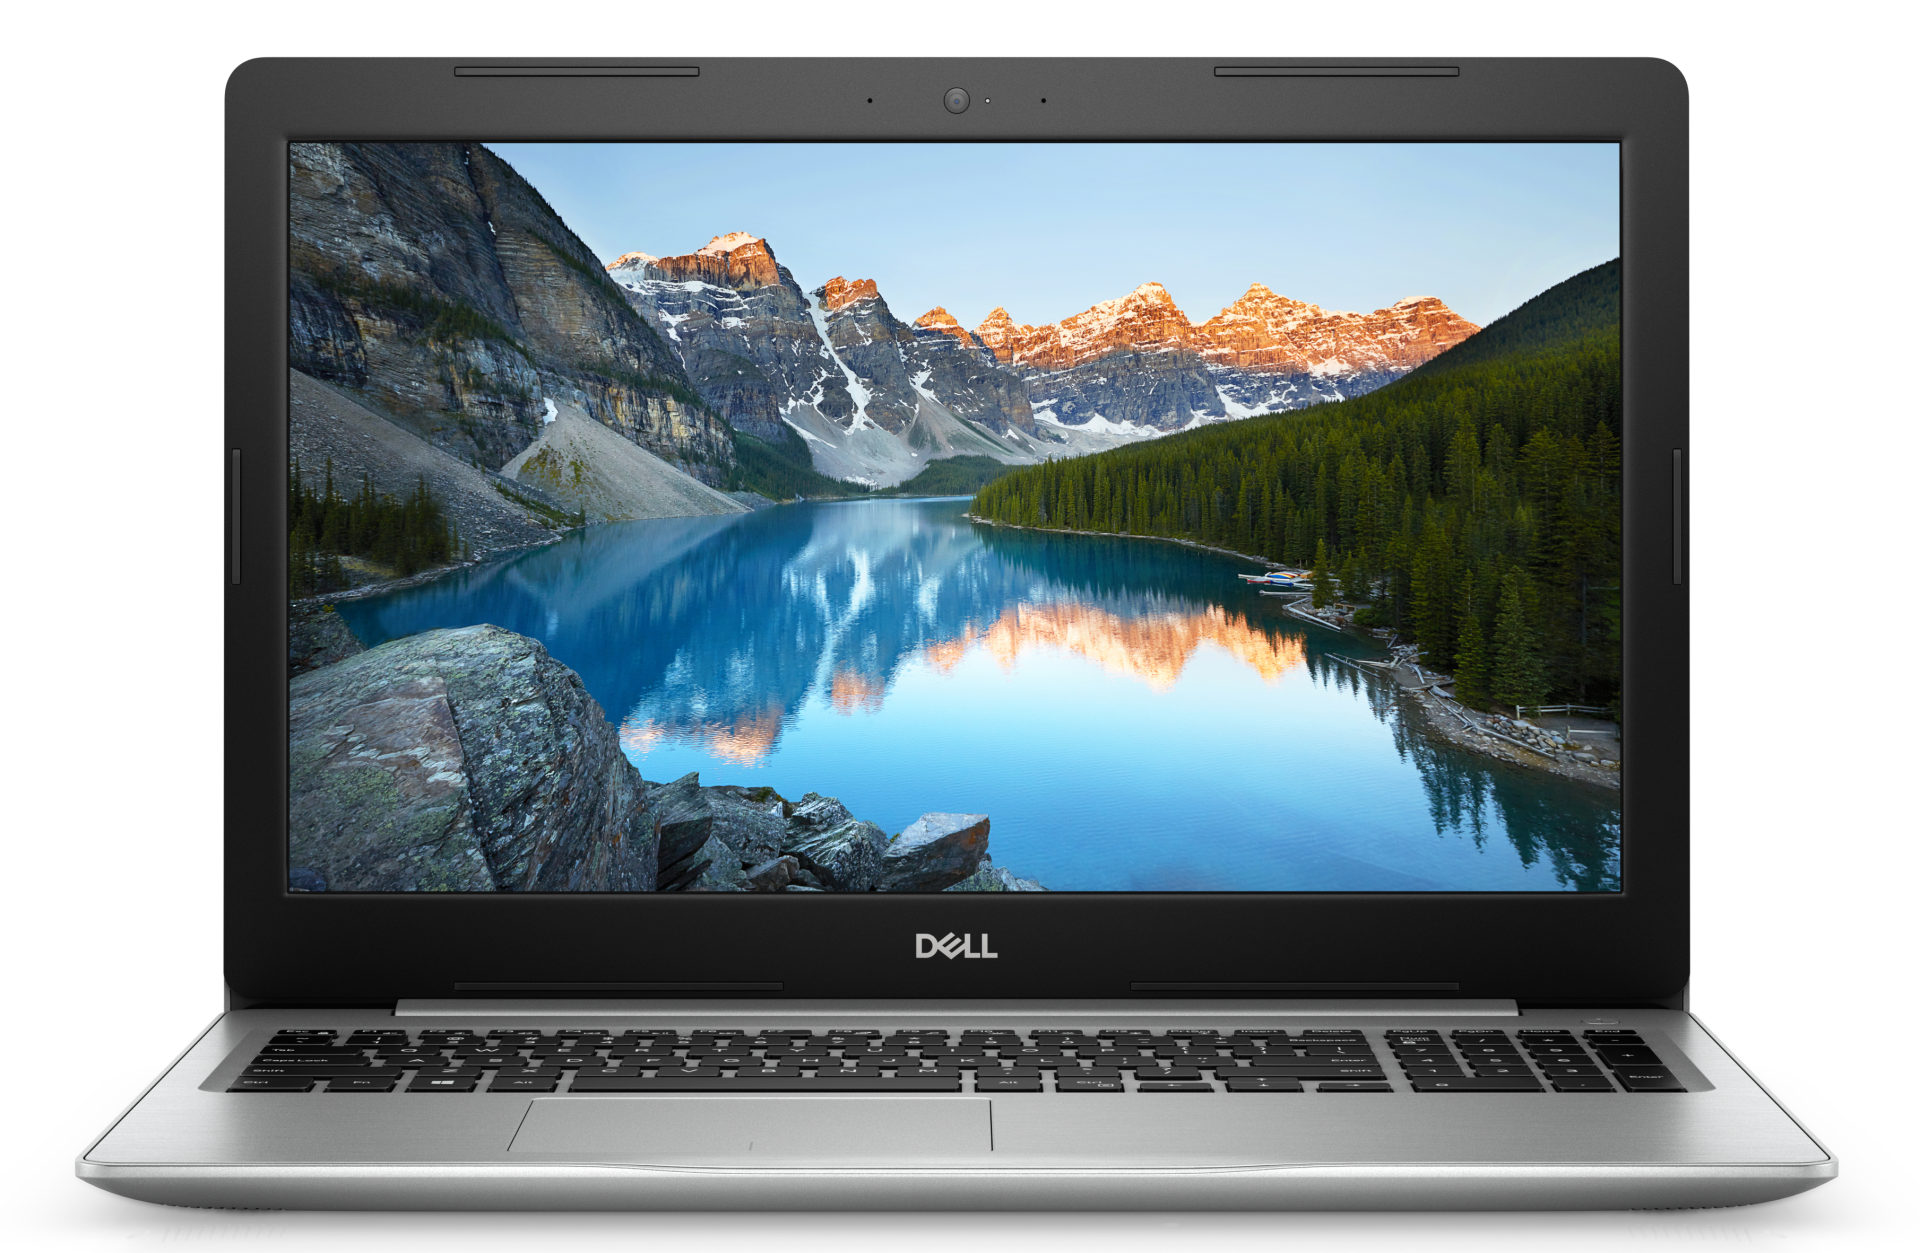 Dell Inspiron 15 5570 39,6 cm (15